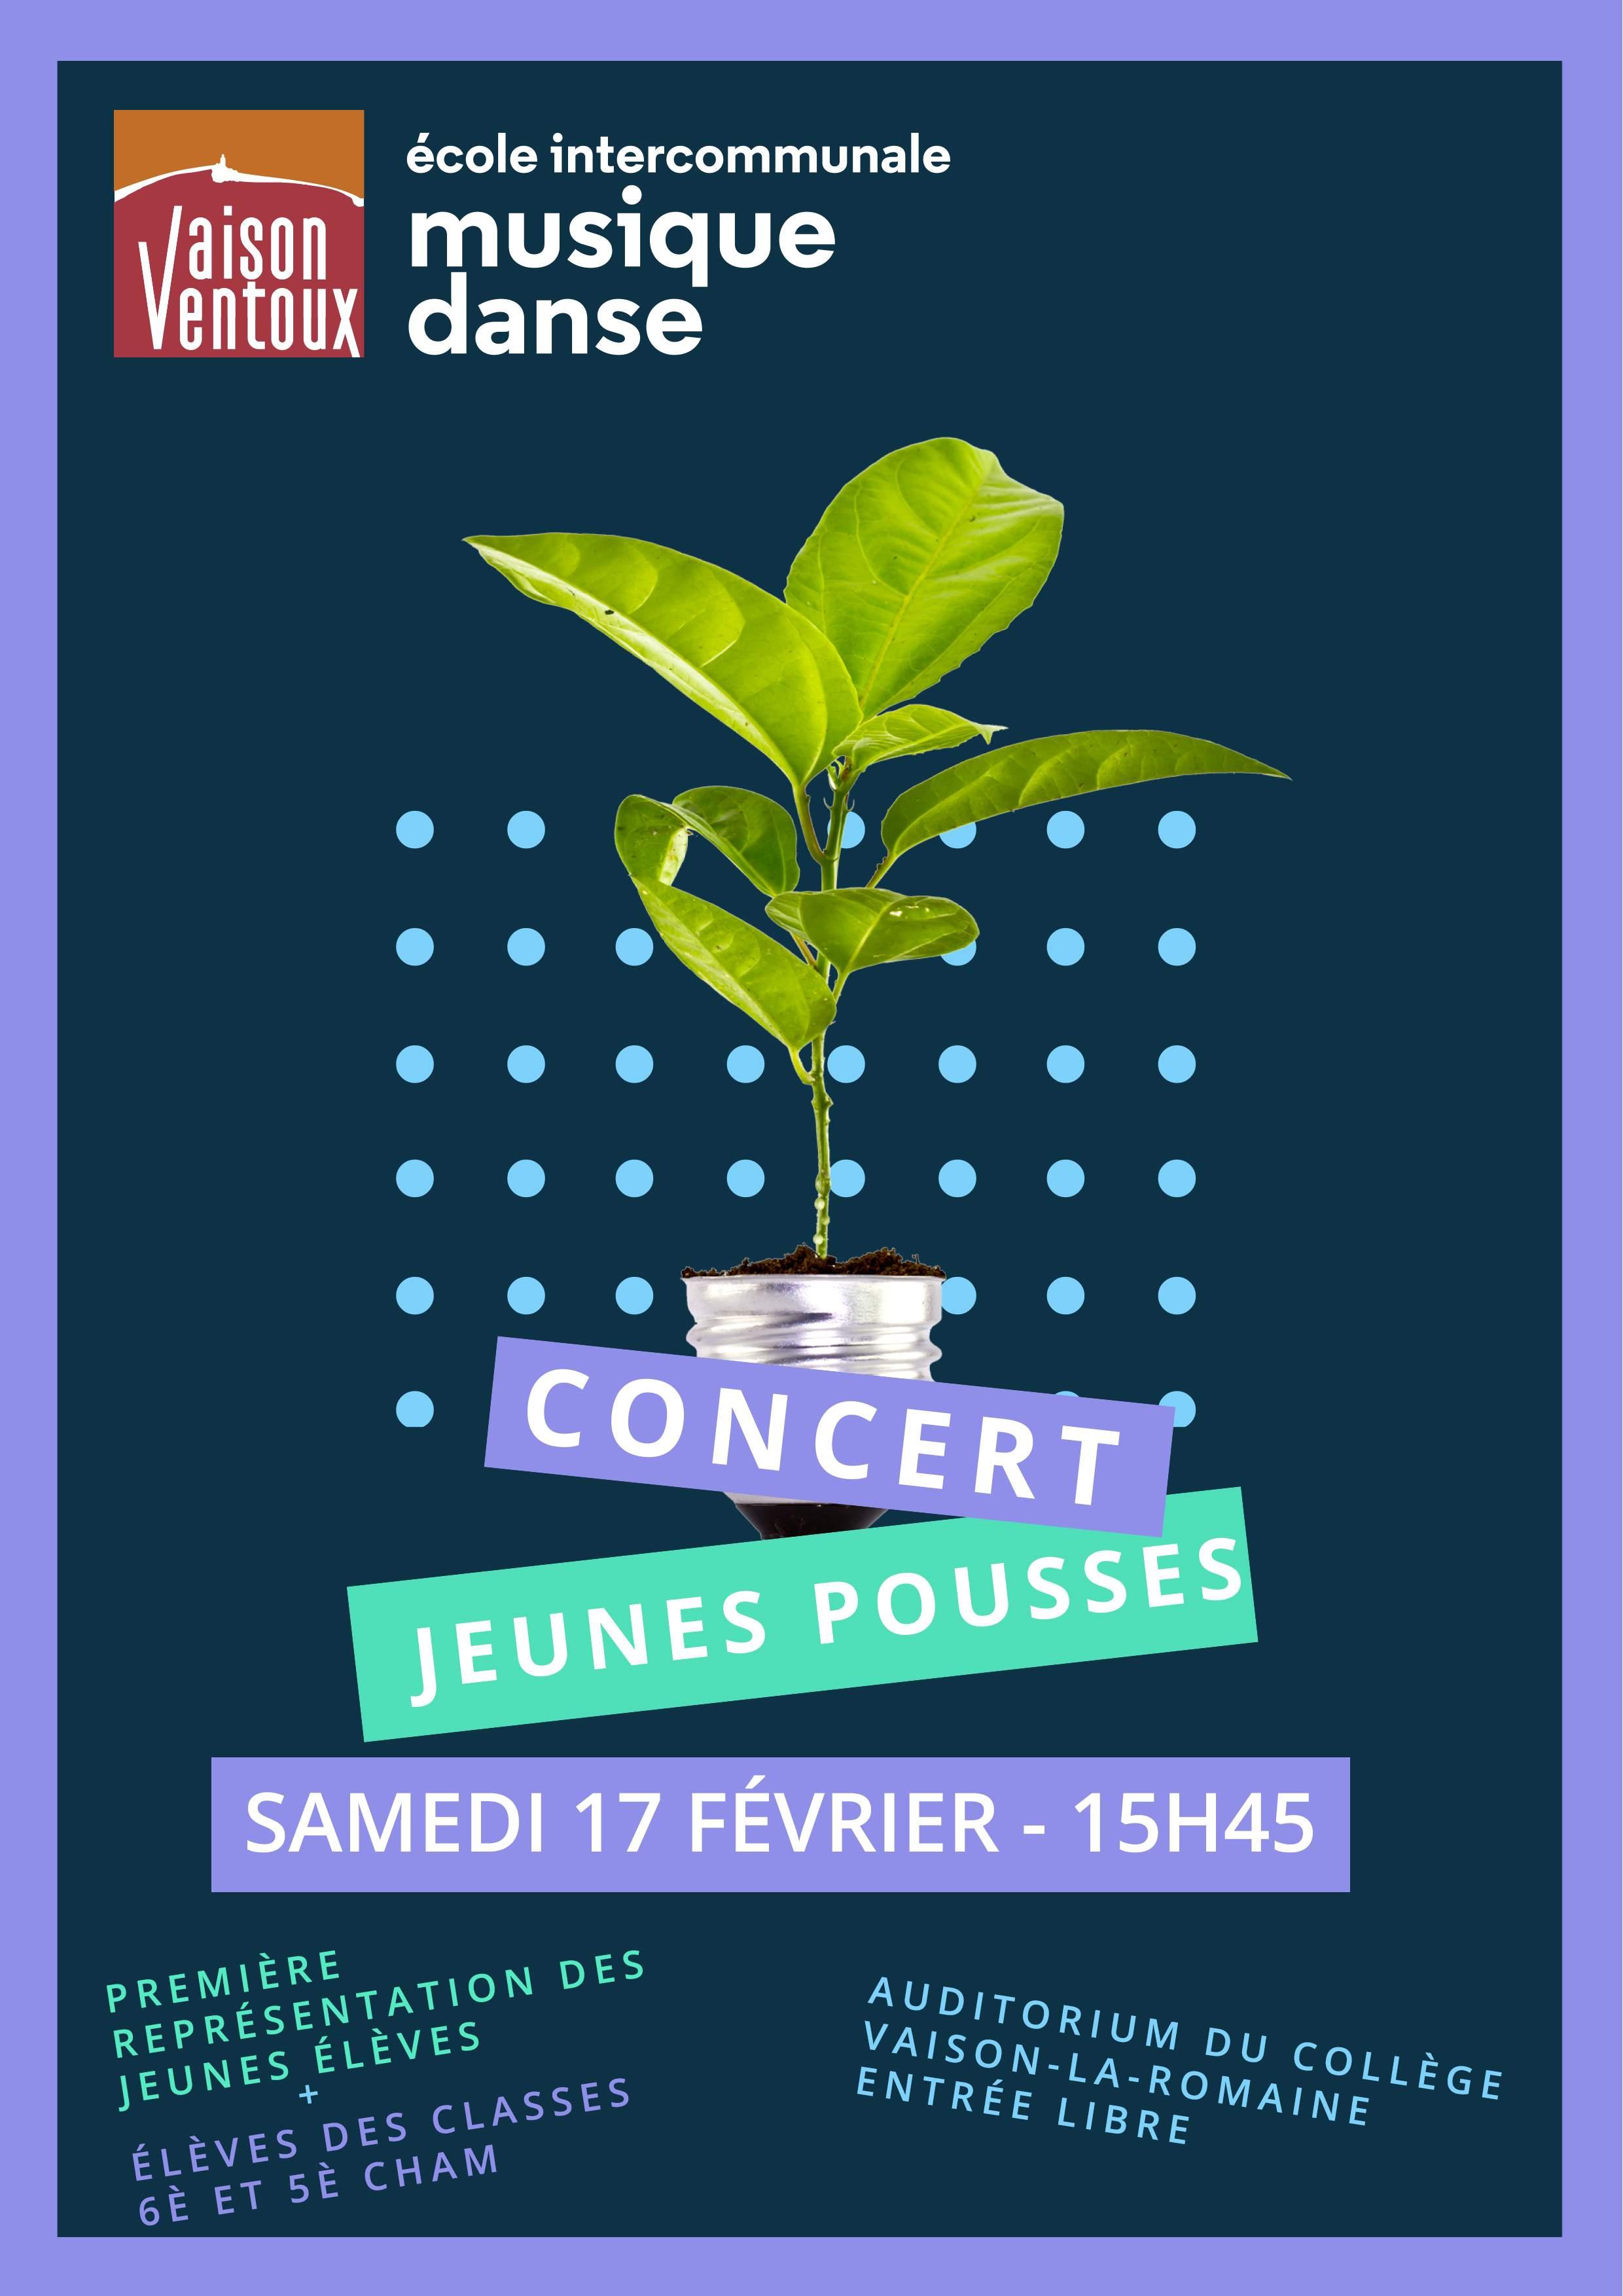 Concert Jeunes pousses de Vaison-la-Romaine